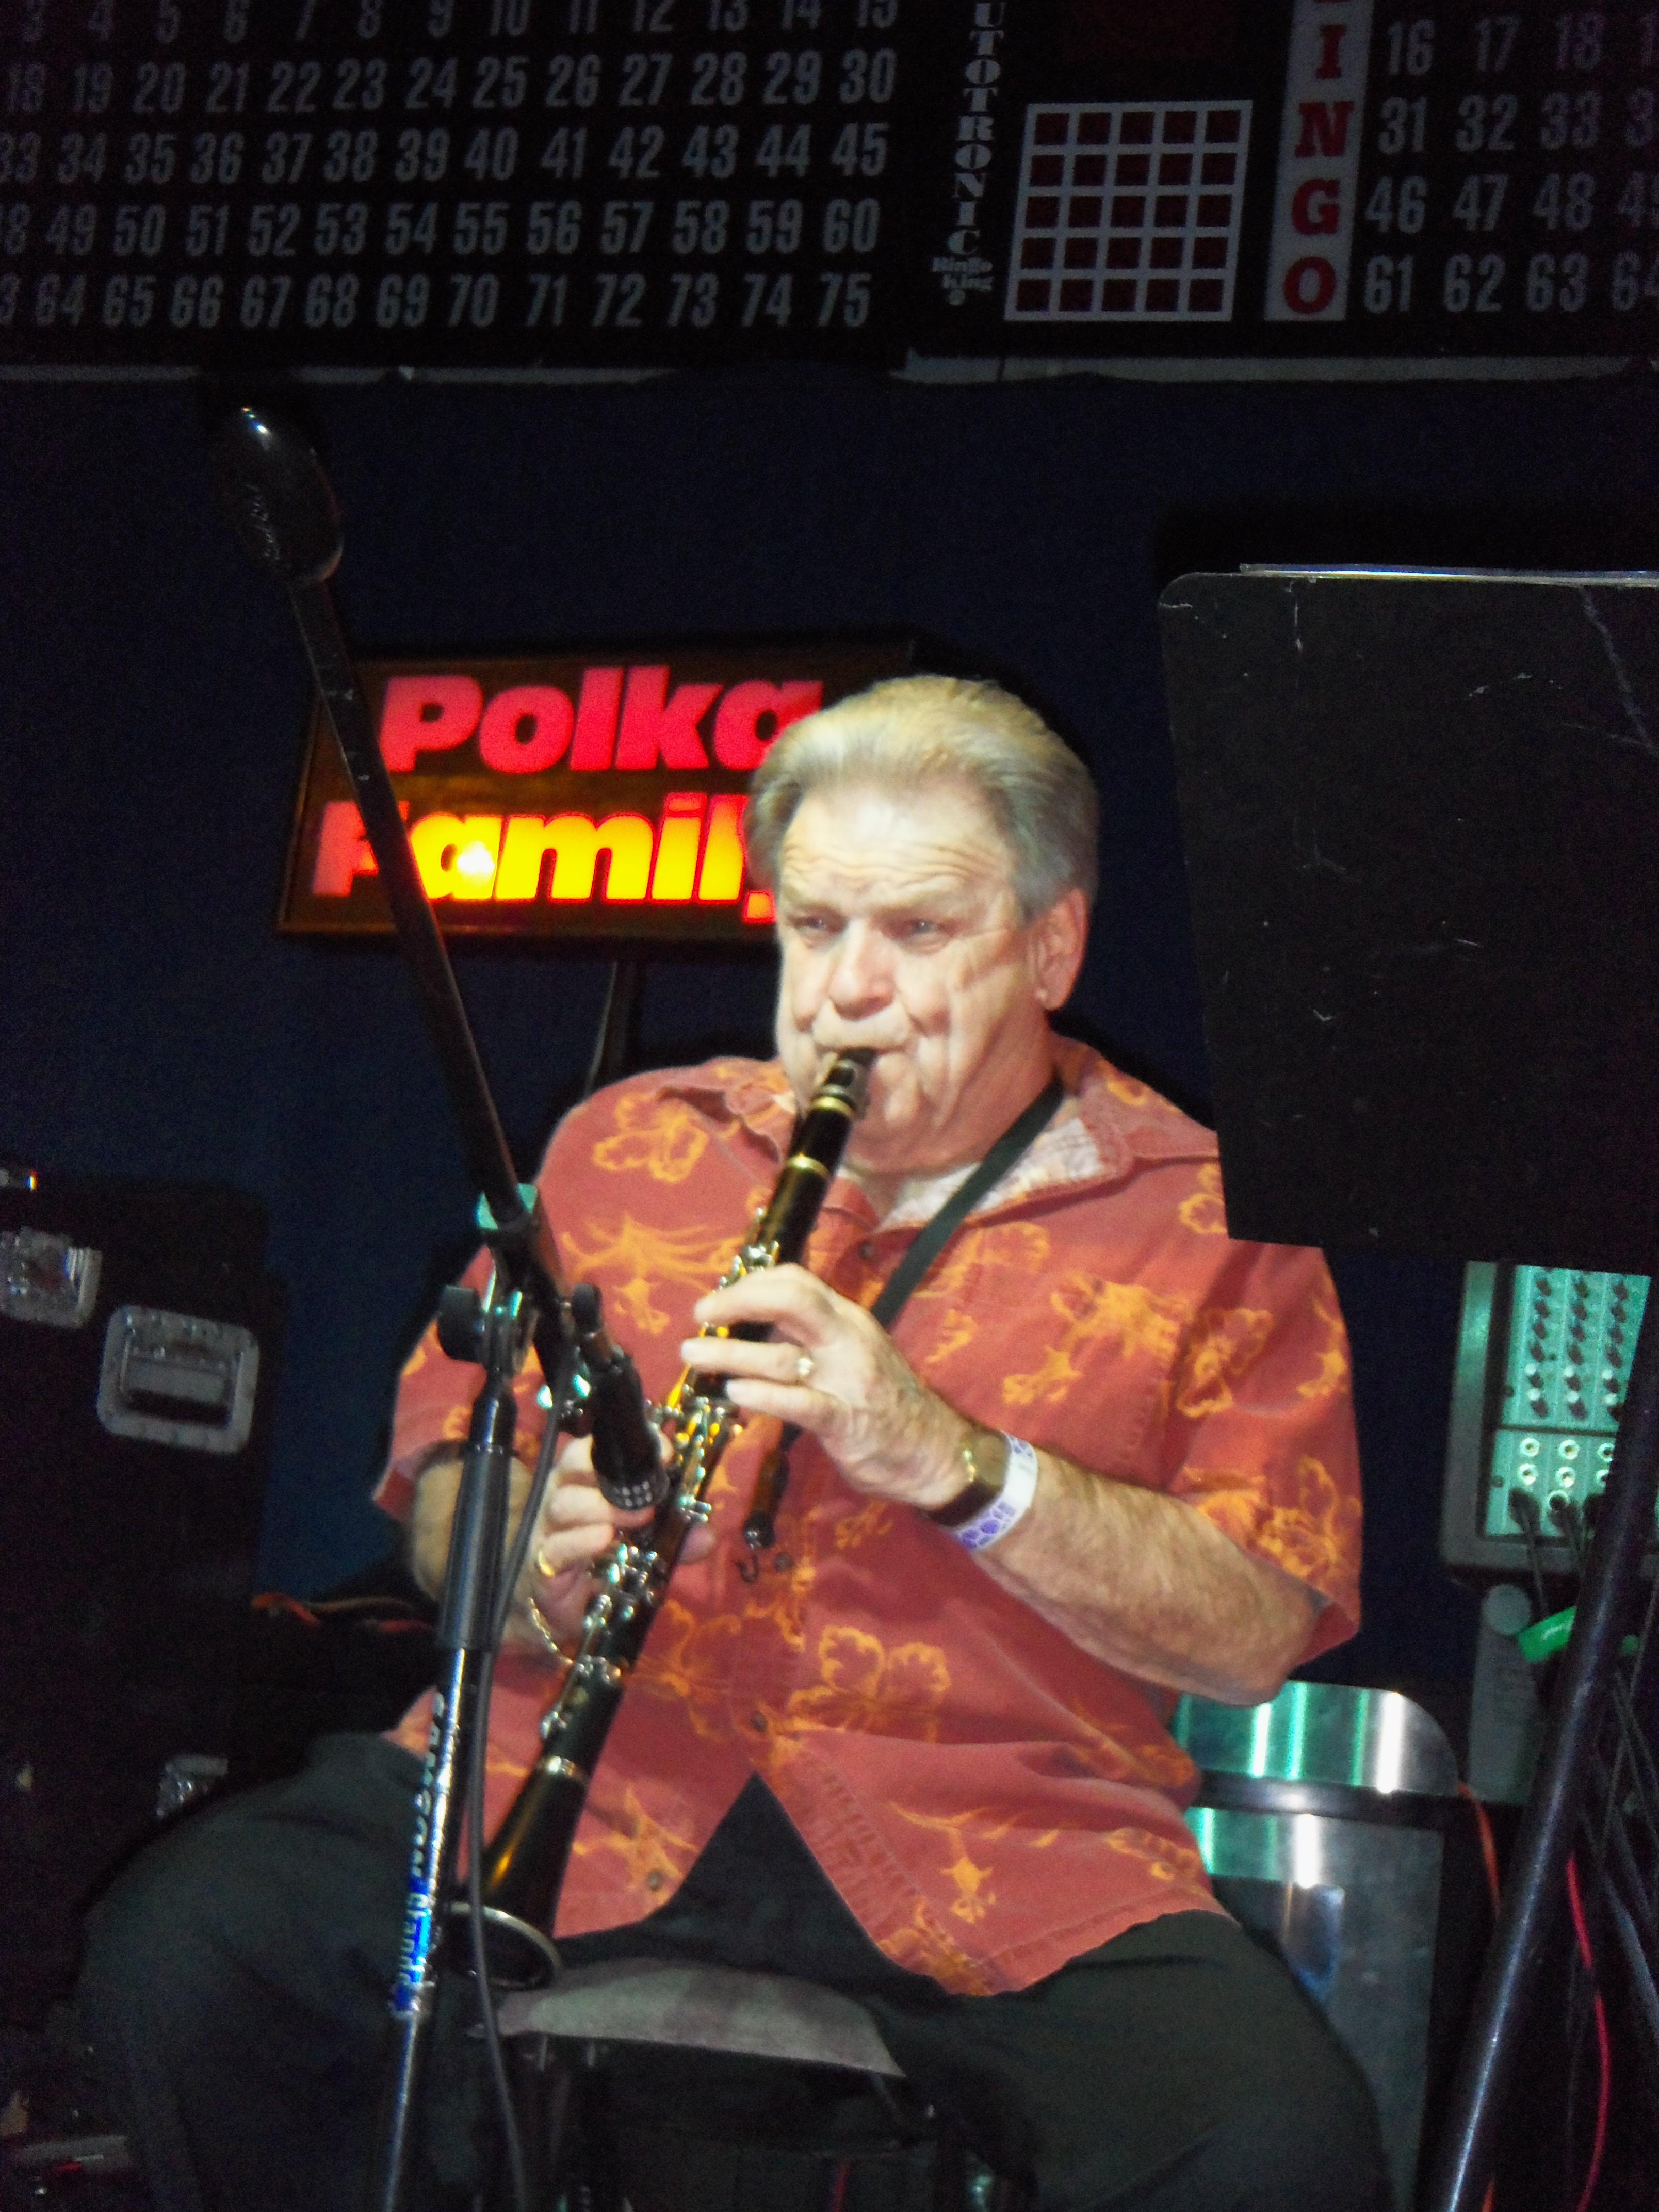 Eddie Madura; A Honky Polka Pioneer!